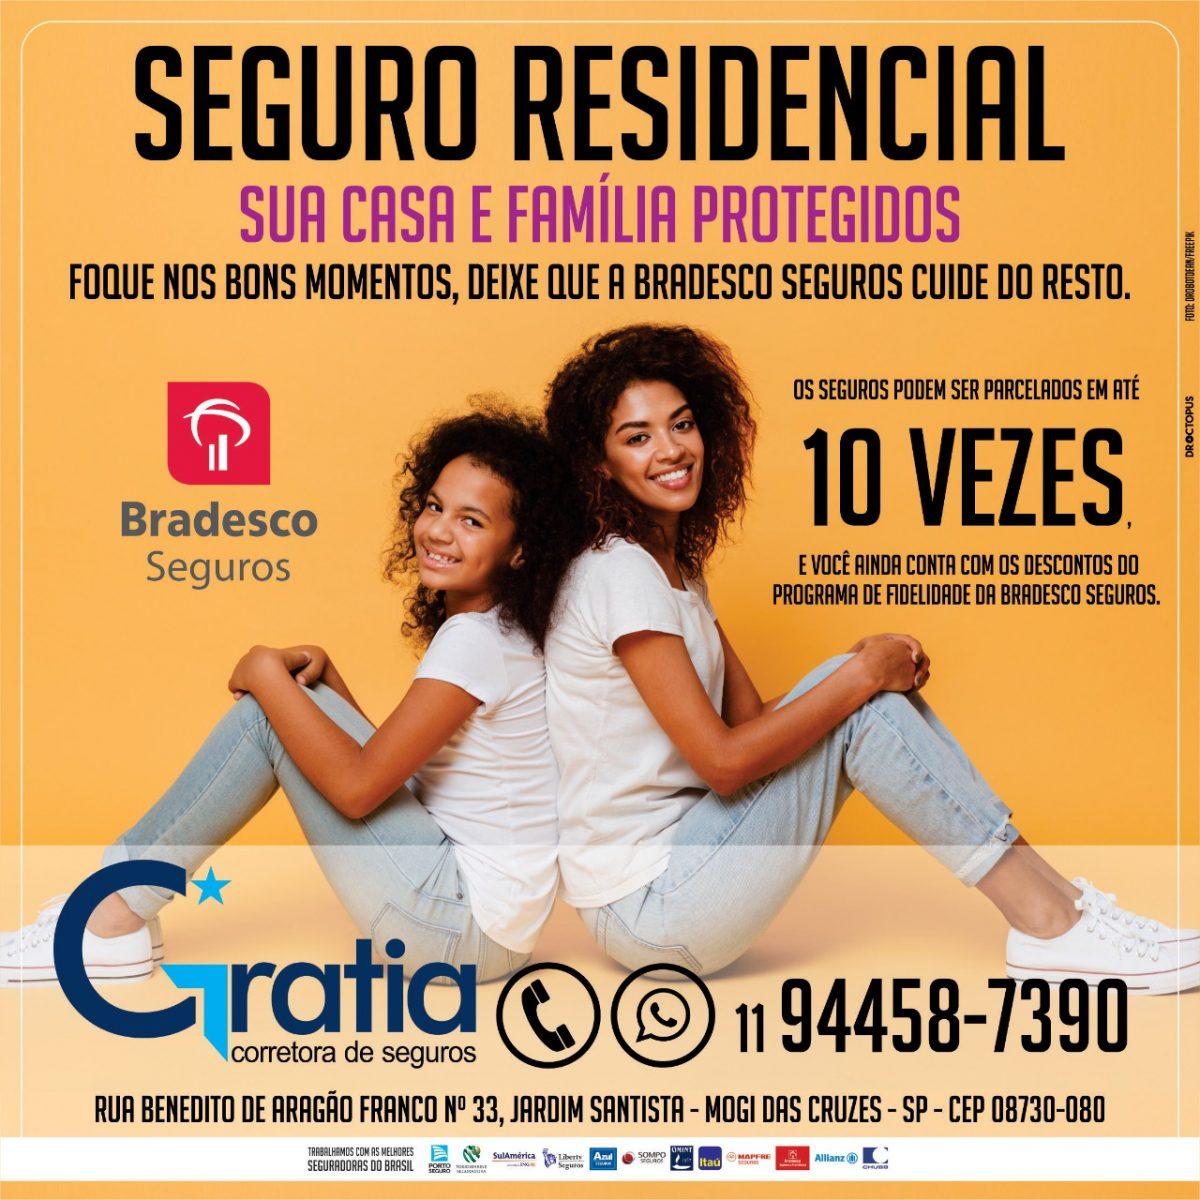 seguroresidencia7-06-2020